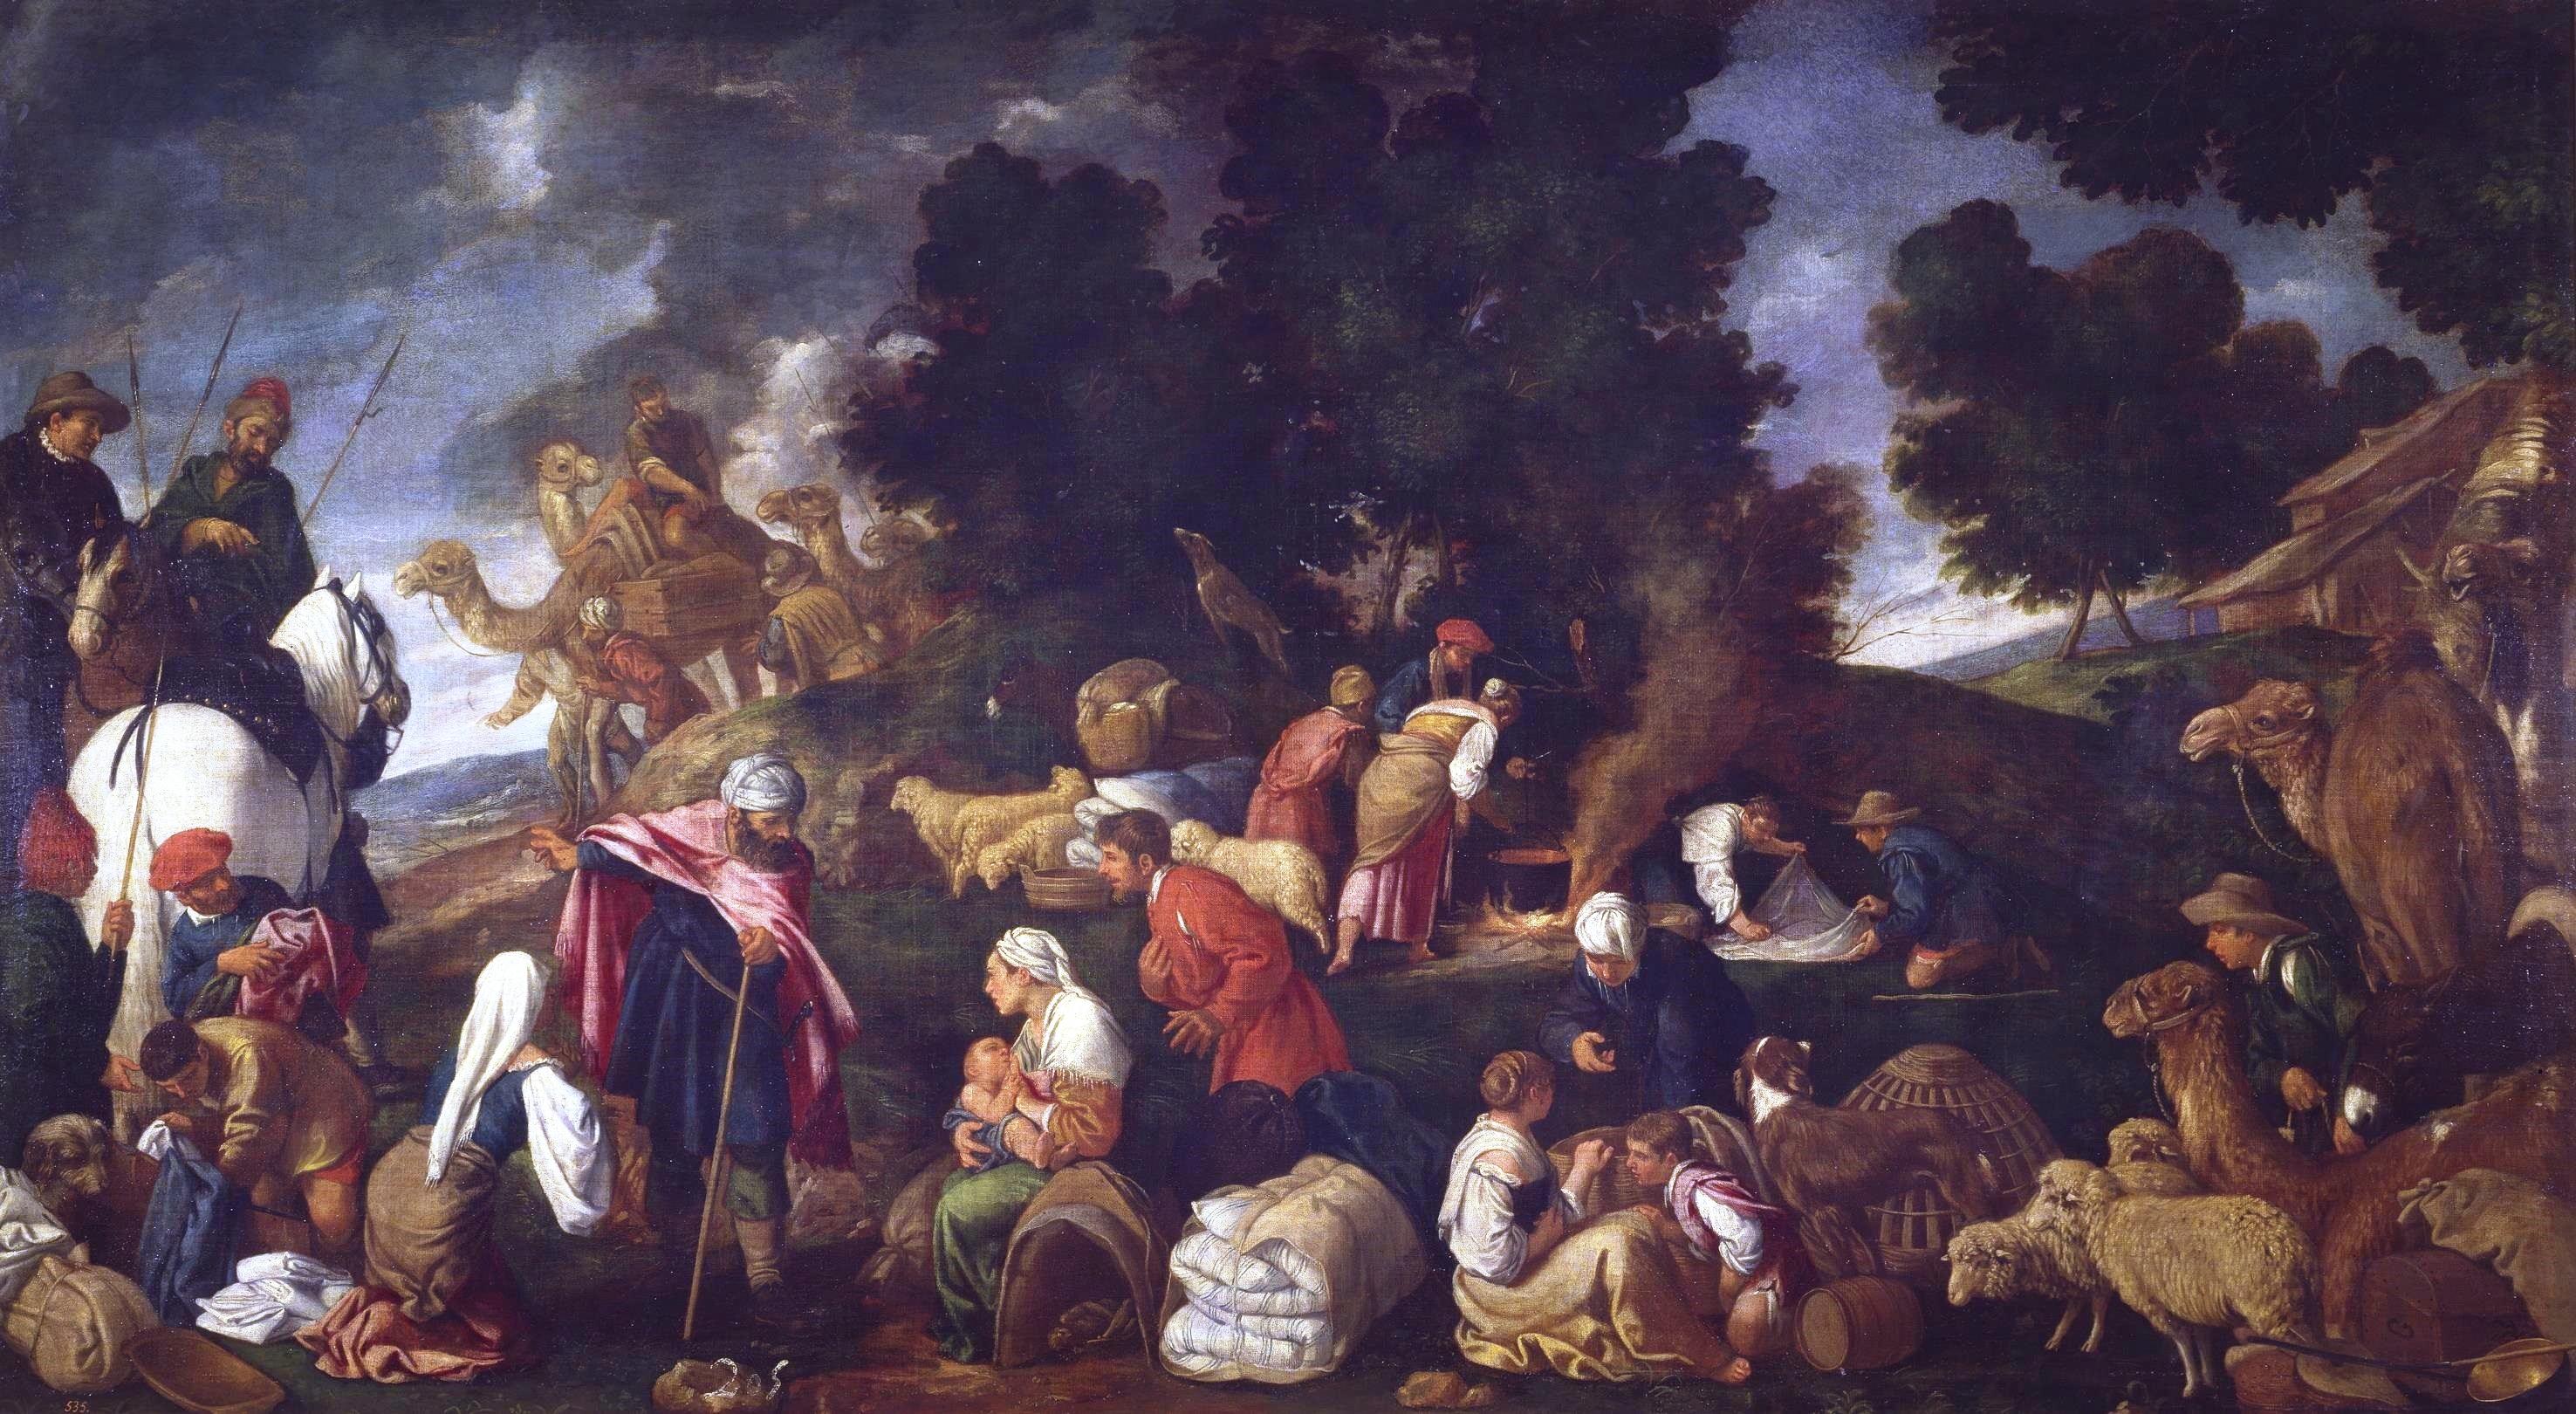 Archivo pedro de orrente wikipedia la - Busco trabajo de pintor en madrid ...